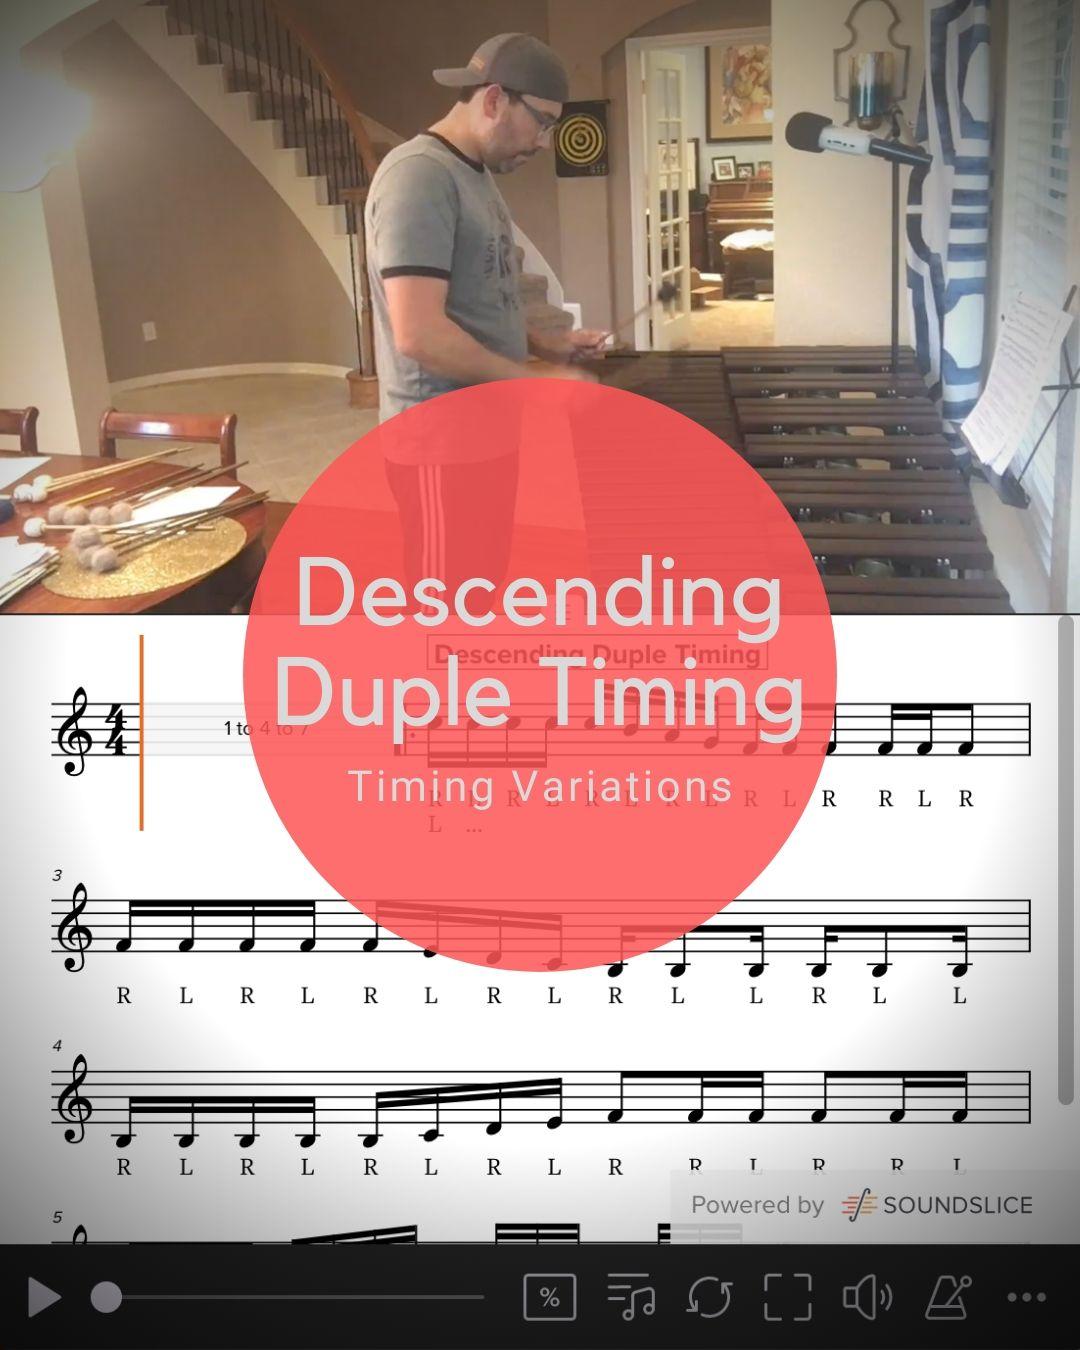 Descending Duple Timing